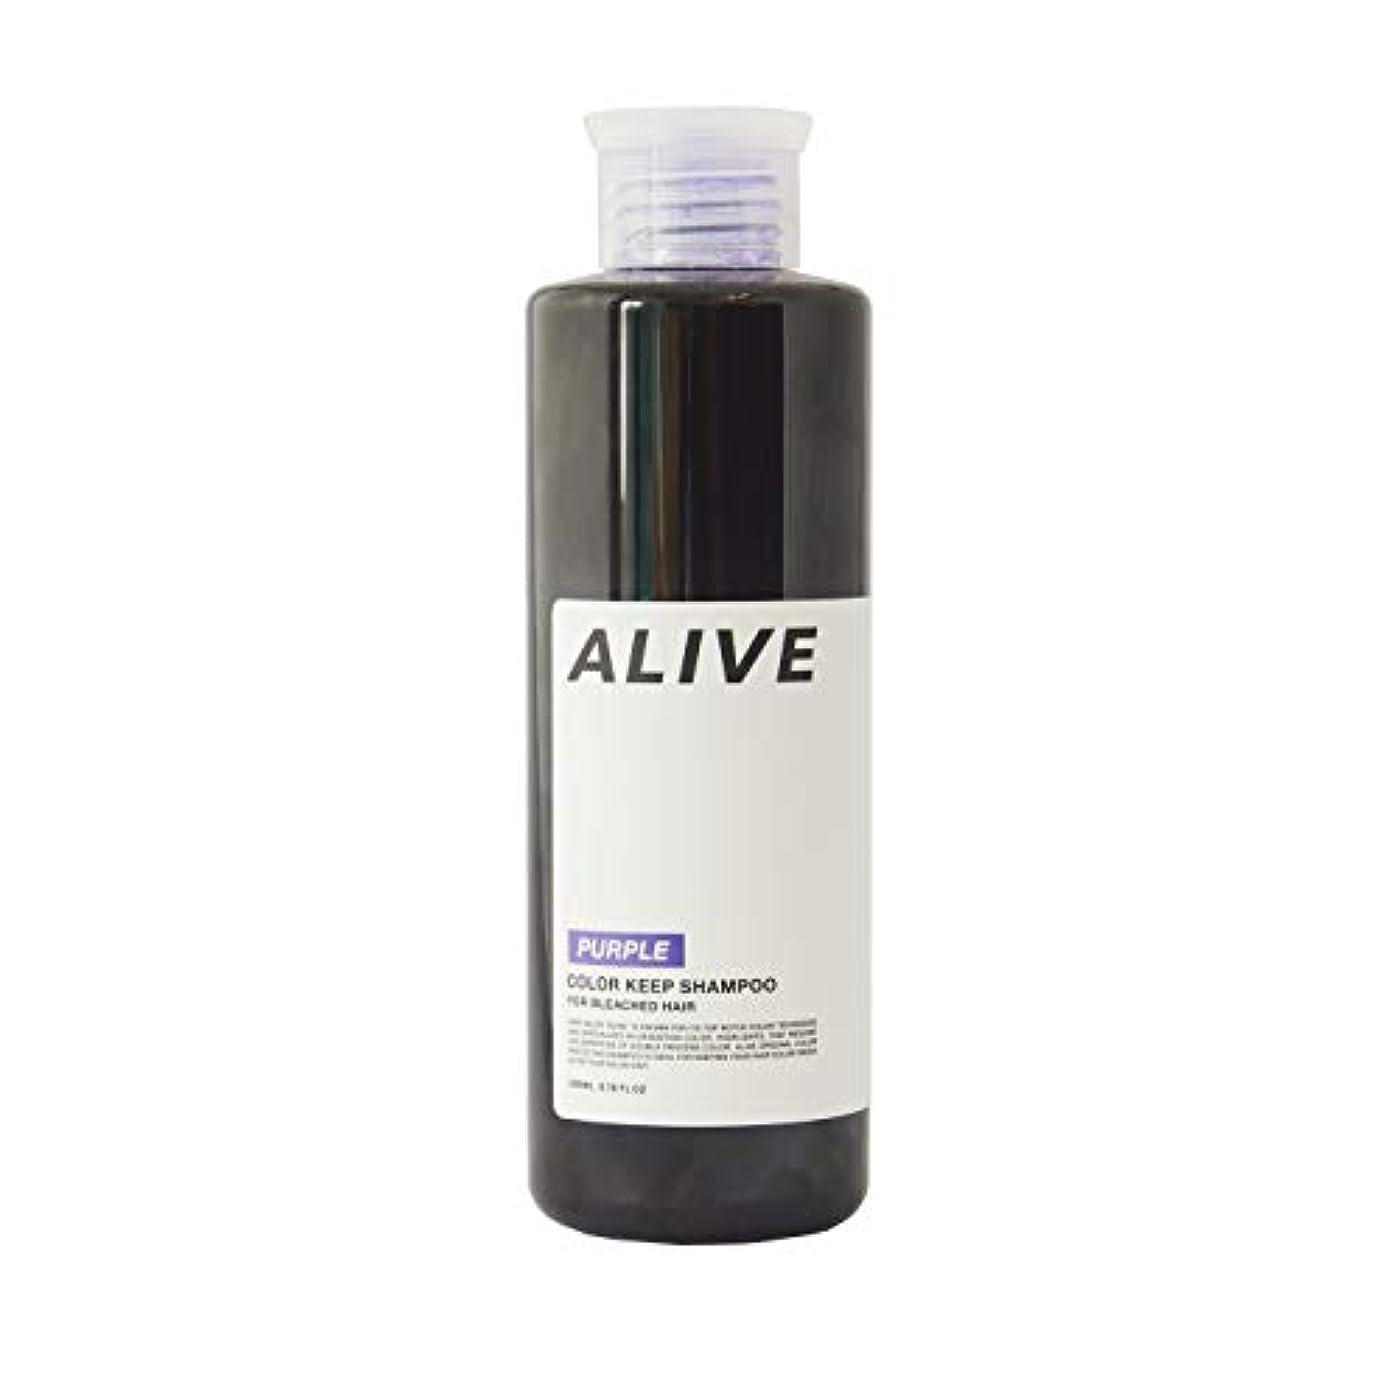 識別する動物不振ALIVE アライブ カラーシャンプー 極濃 紫シャンプー 200ml ムラサキ パープル ムラシャン ムラサキシャンプー